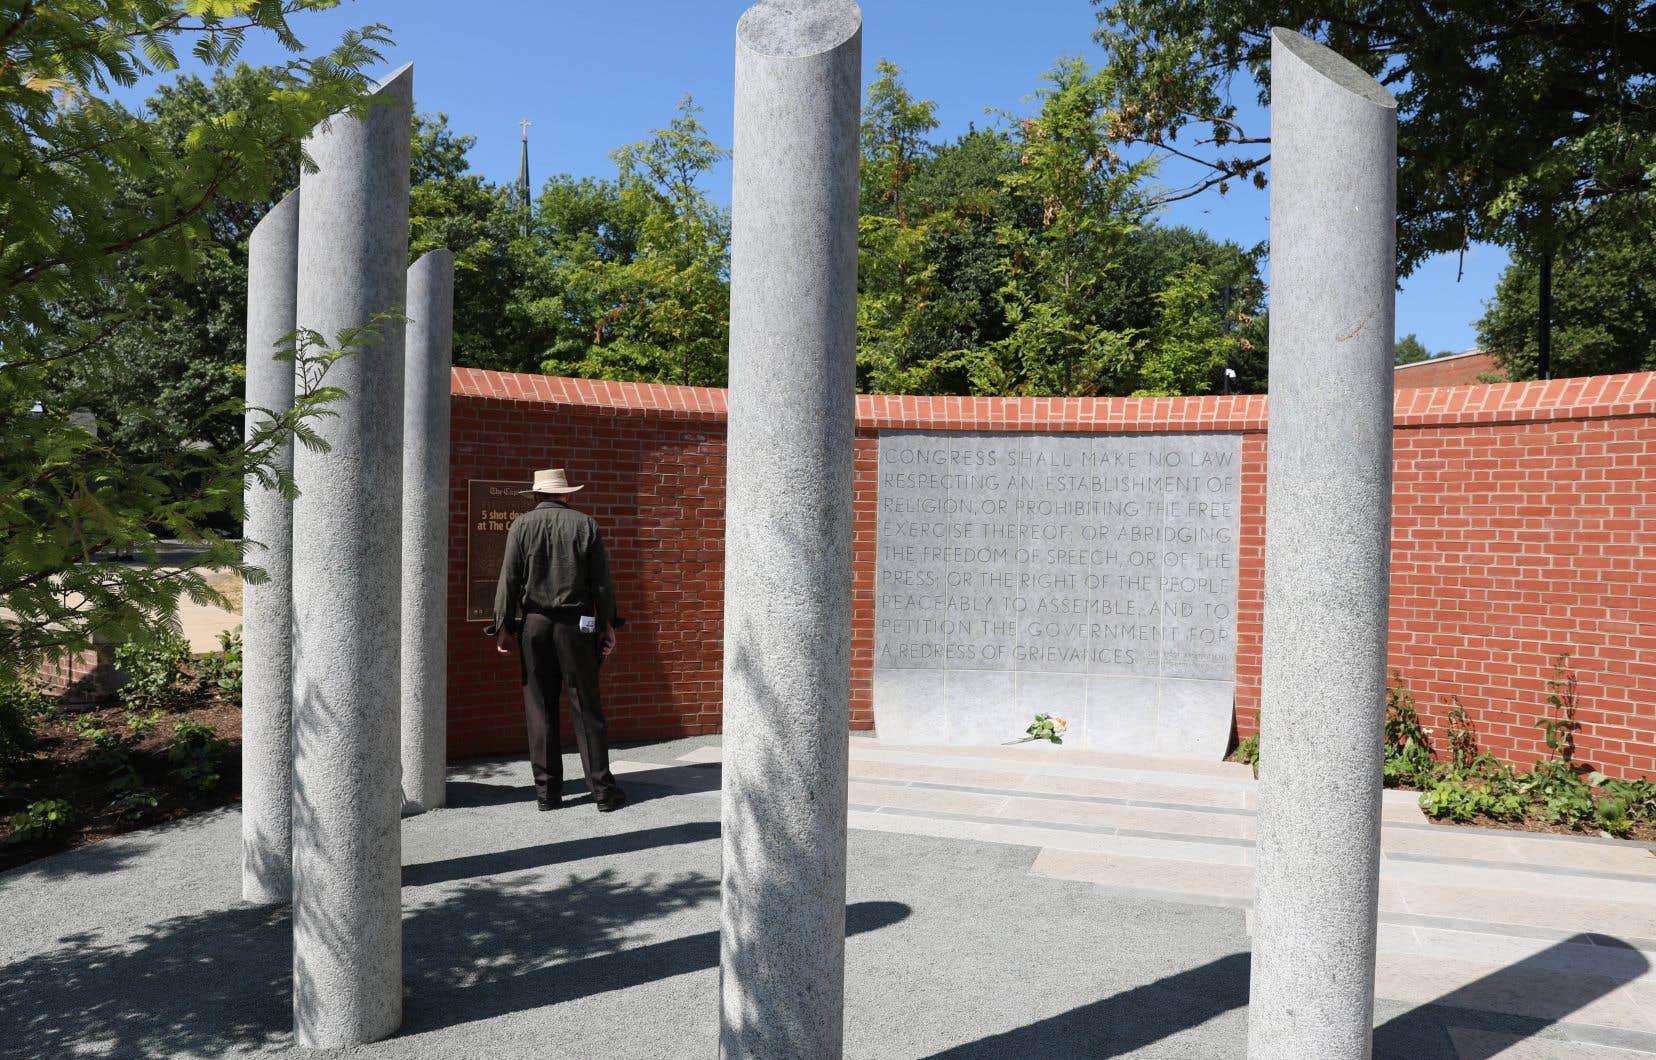 Le monument est nommé «Gardiens du premier amendement».